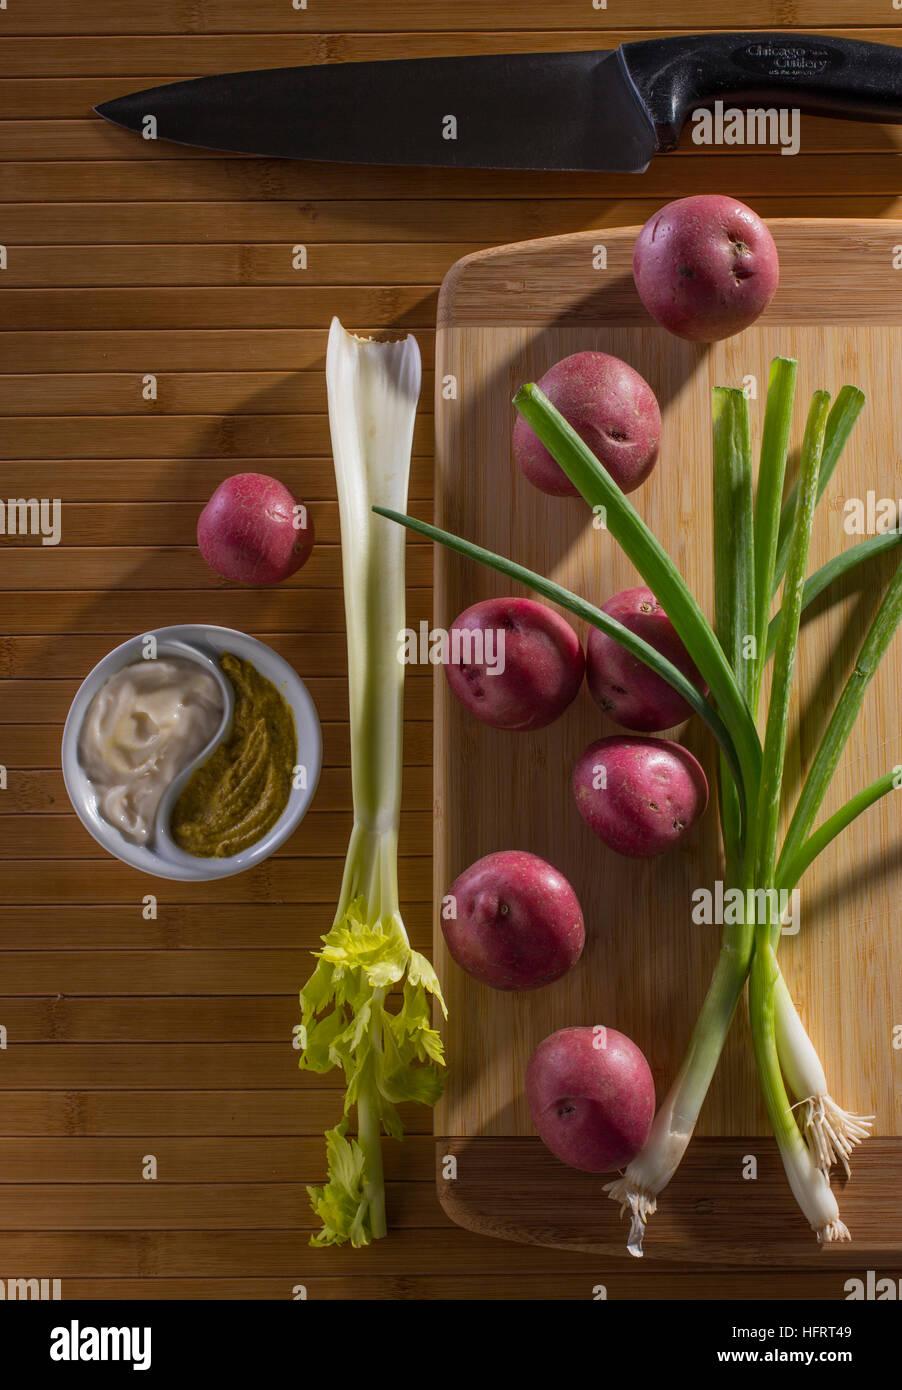 Obenliegende Winkel der Kartoffel Salatzutaten Stockbild